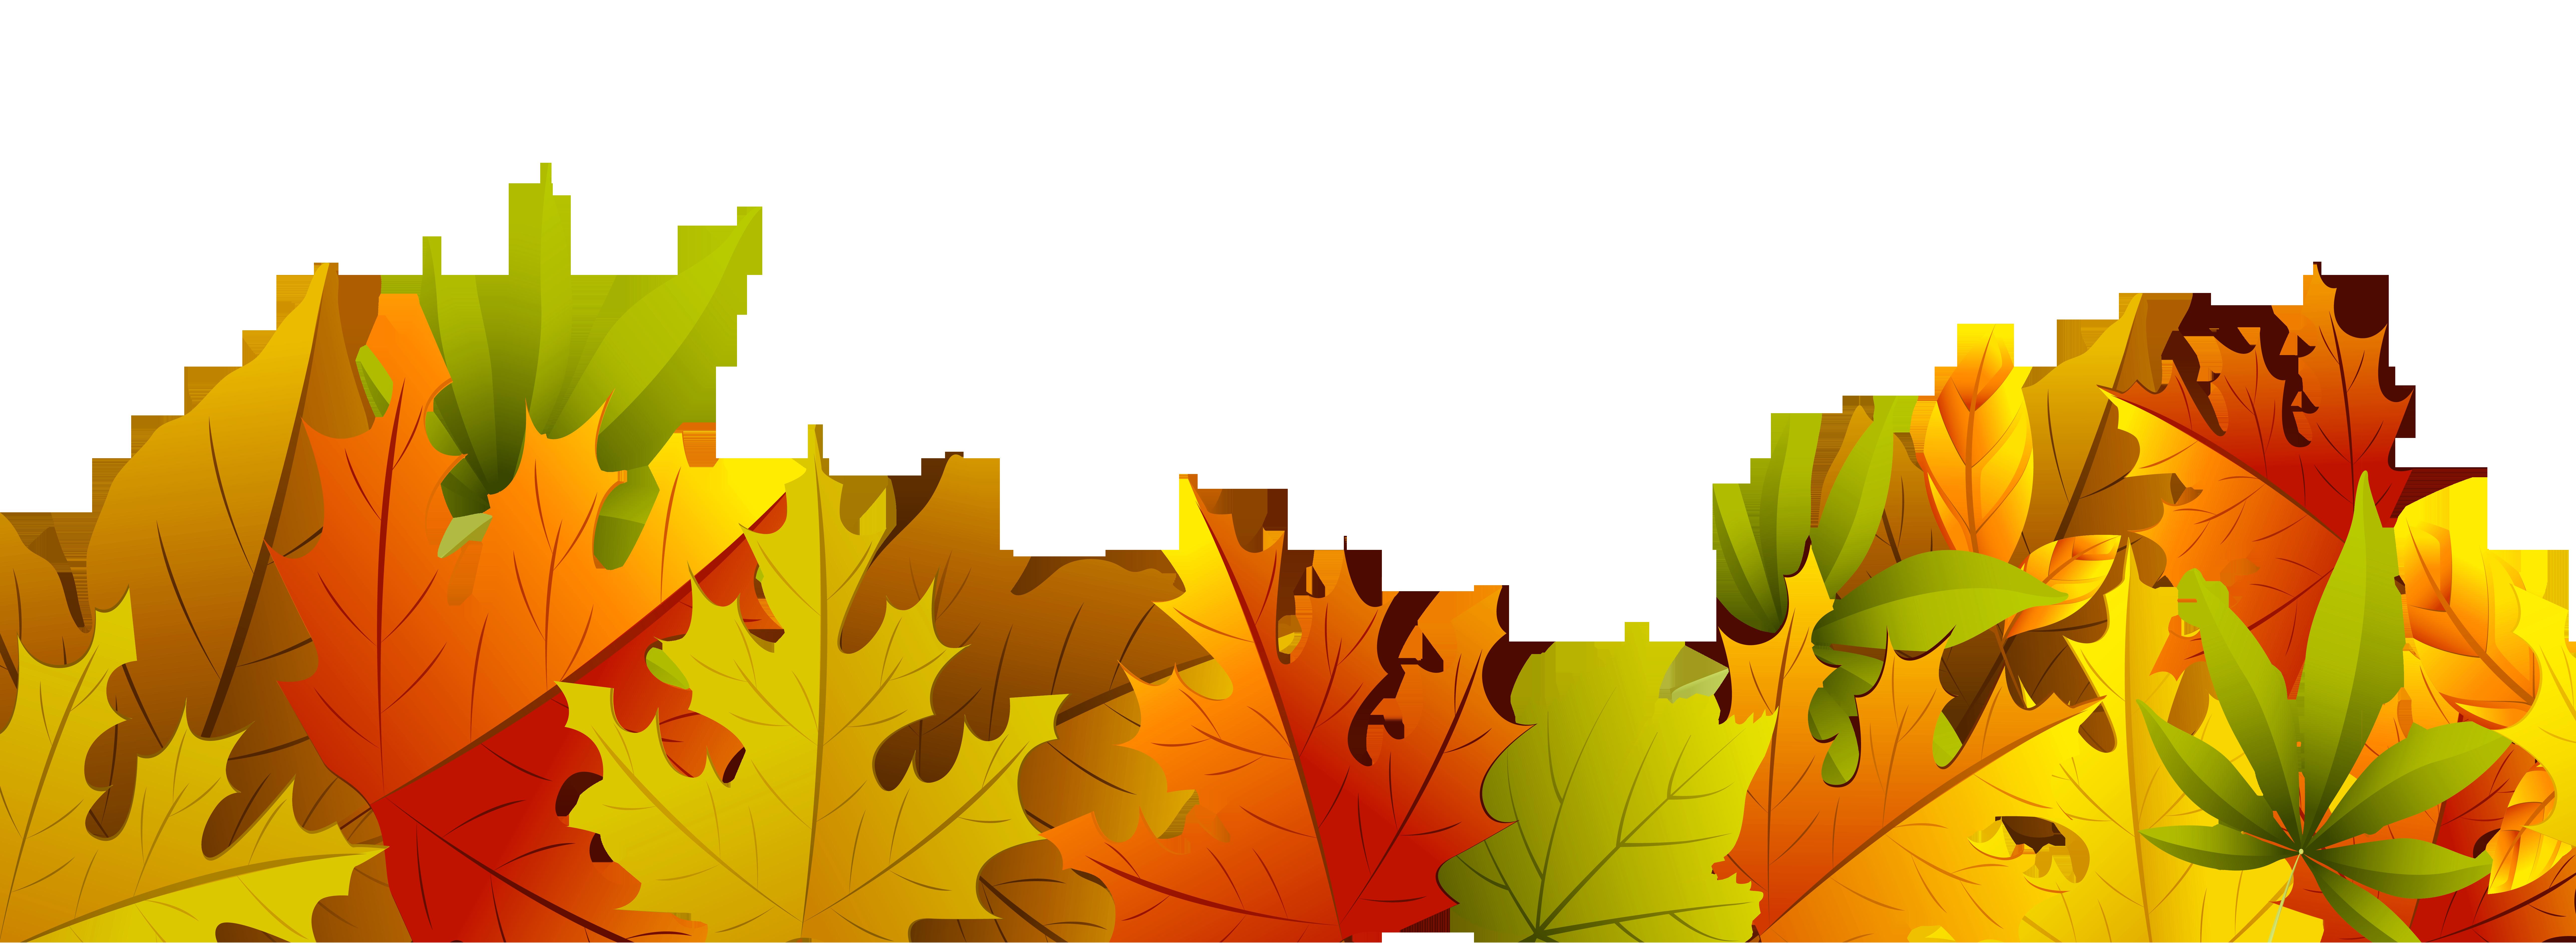 Decorative Autumn Leaves Png . .-Decorative Autumn Leaves Png . .-5